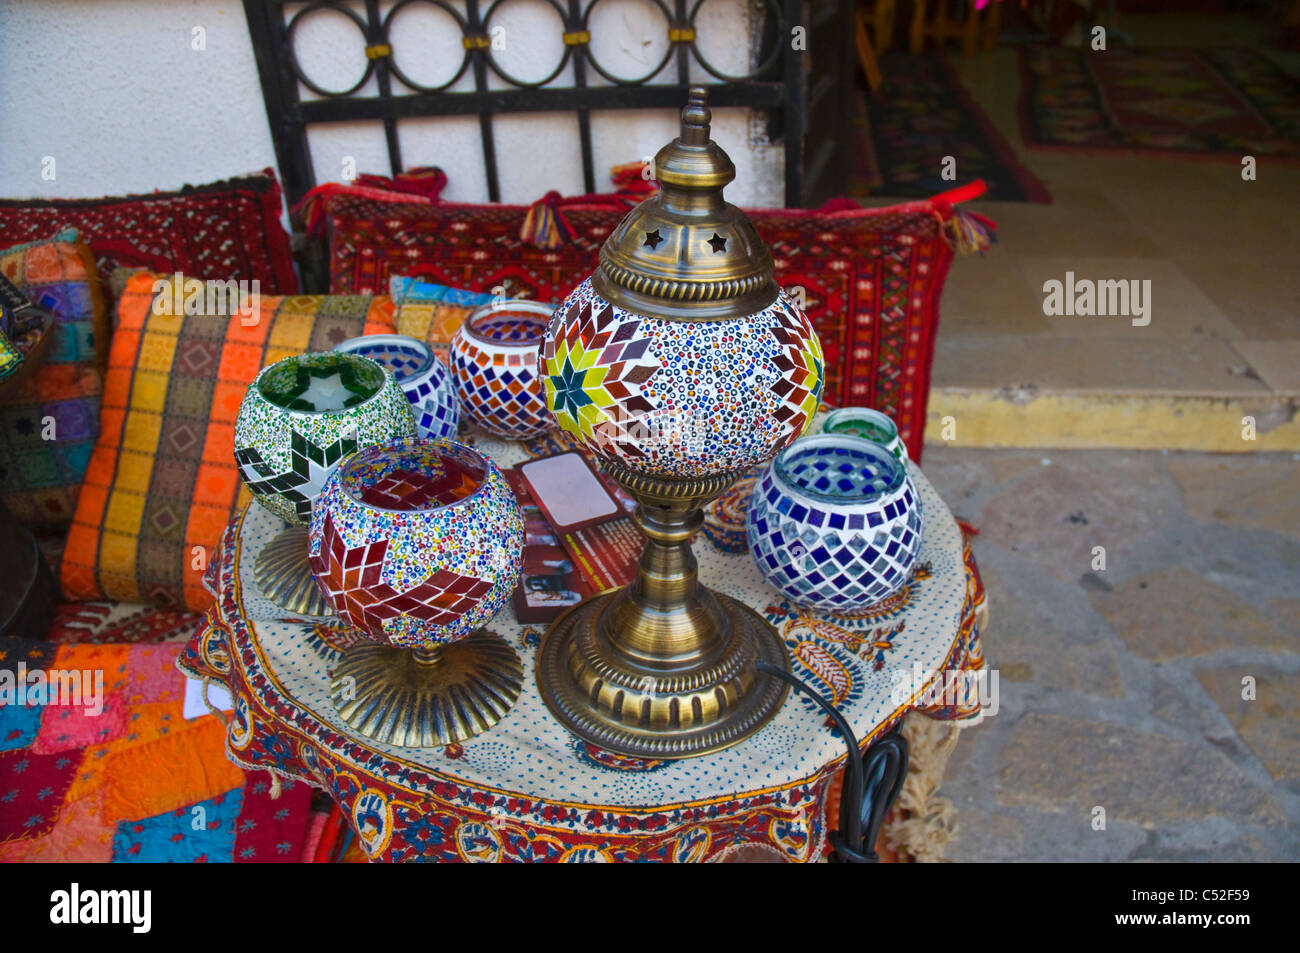 Mosaik glas kerzenhalter und lampe in einem souvenirladen entlang